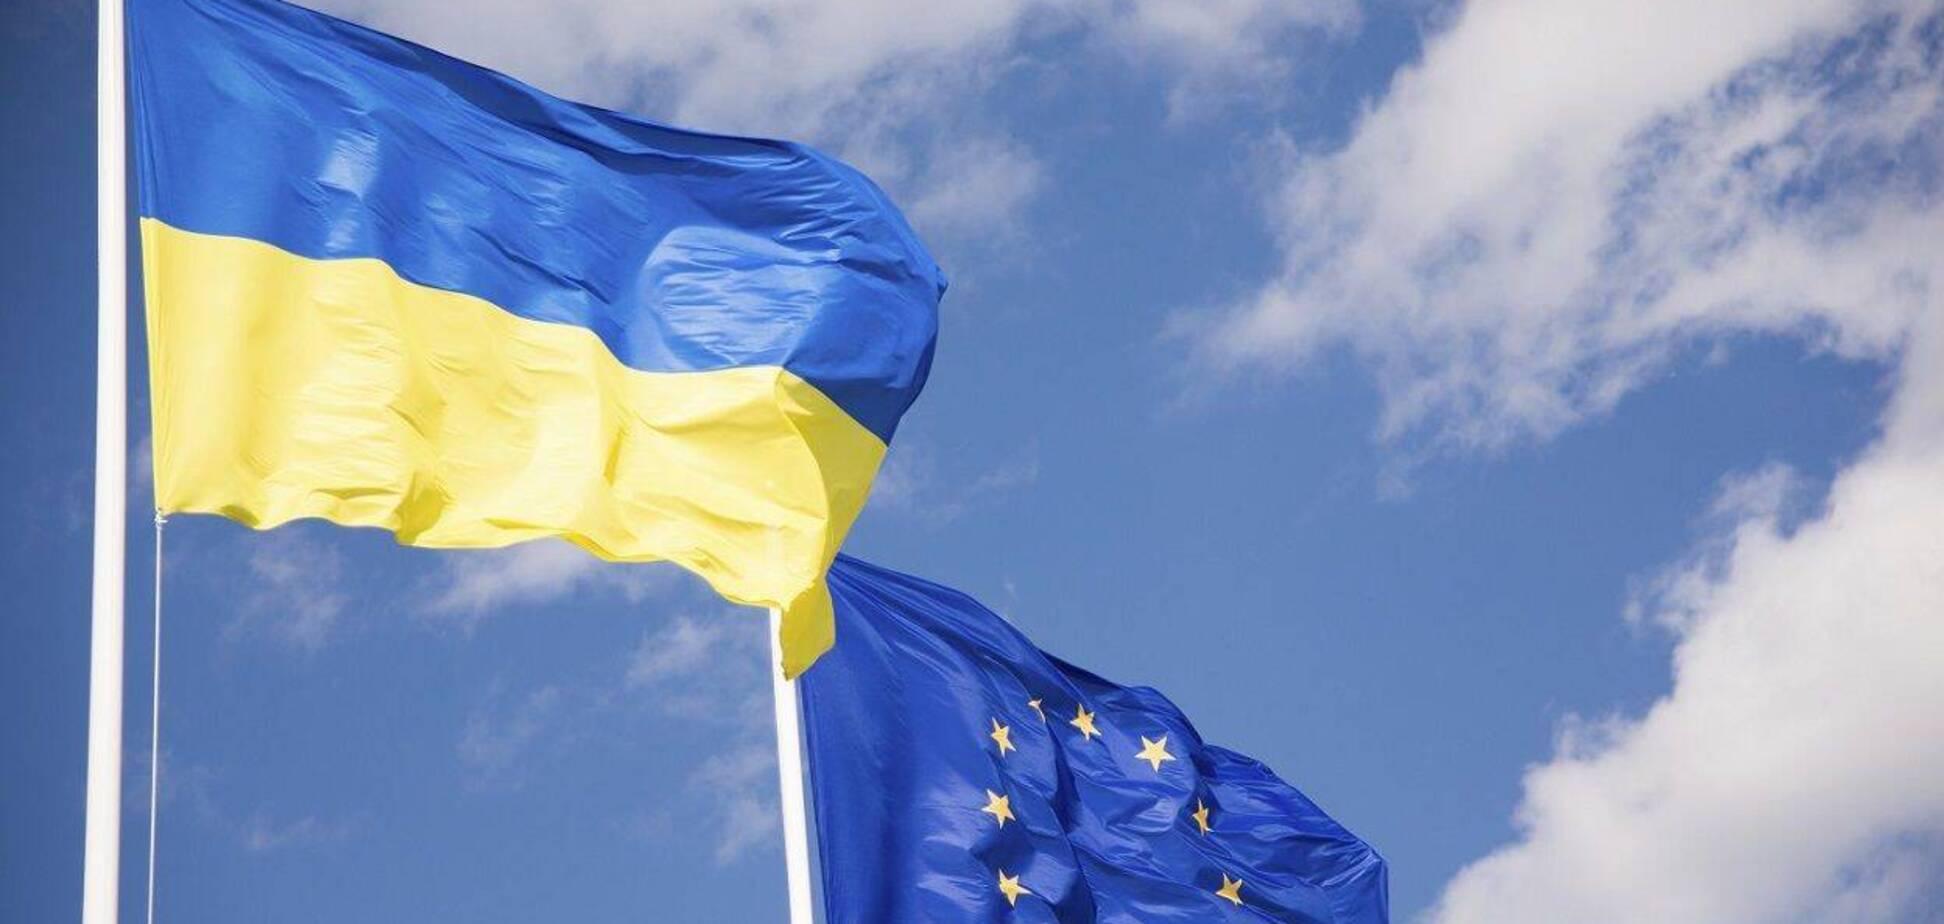 У Кабміні сказали, чим Україна зможе торгувати з ЄС, якщо отримає 'промисловий безвіз'